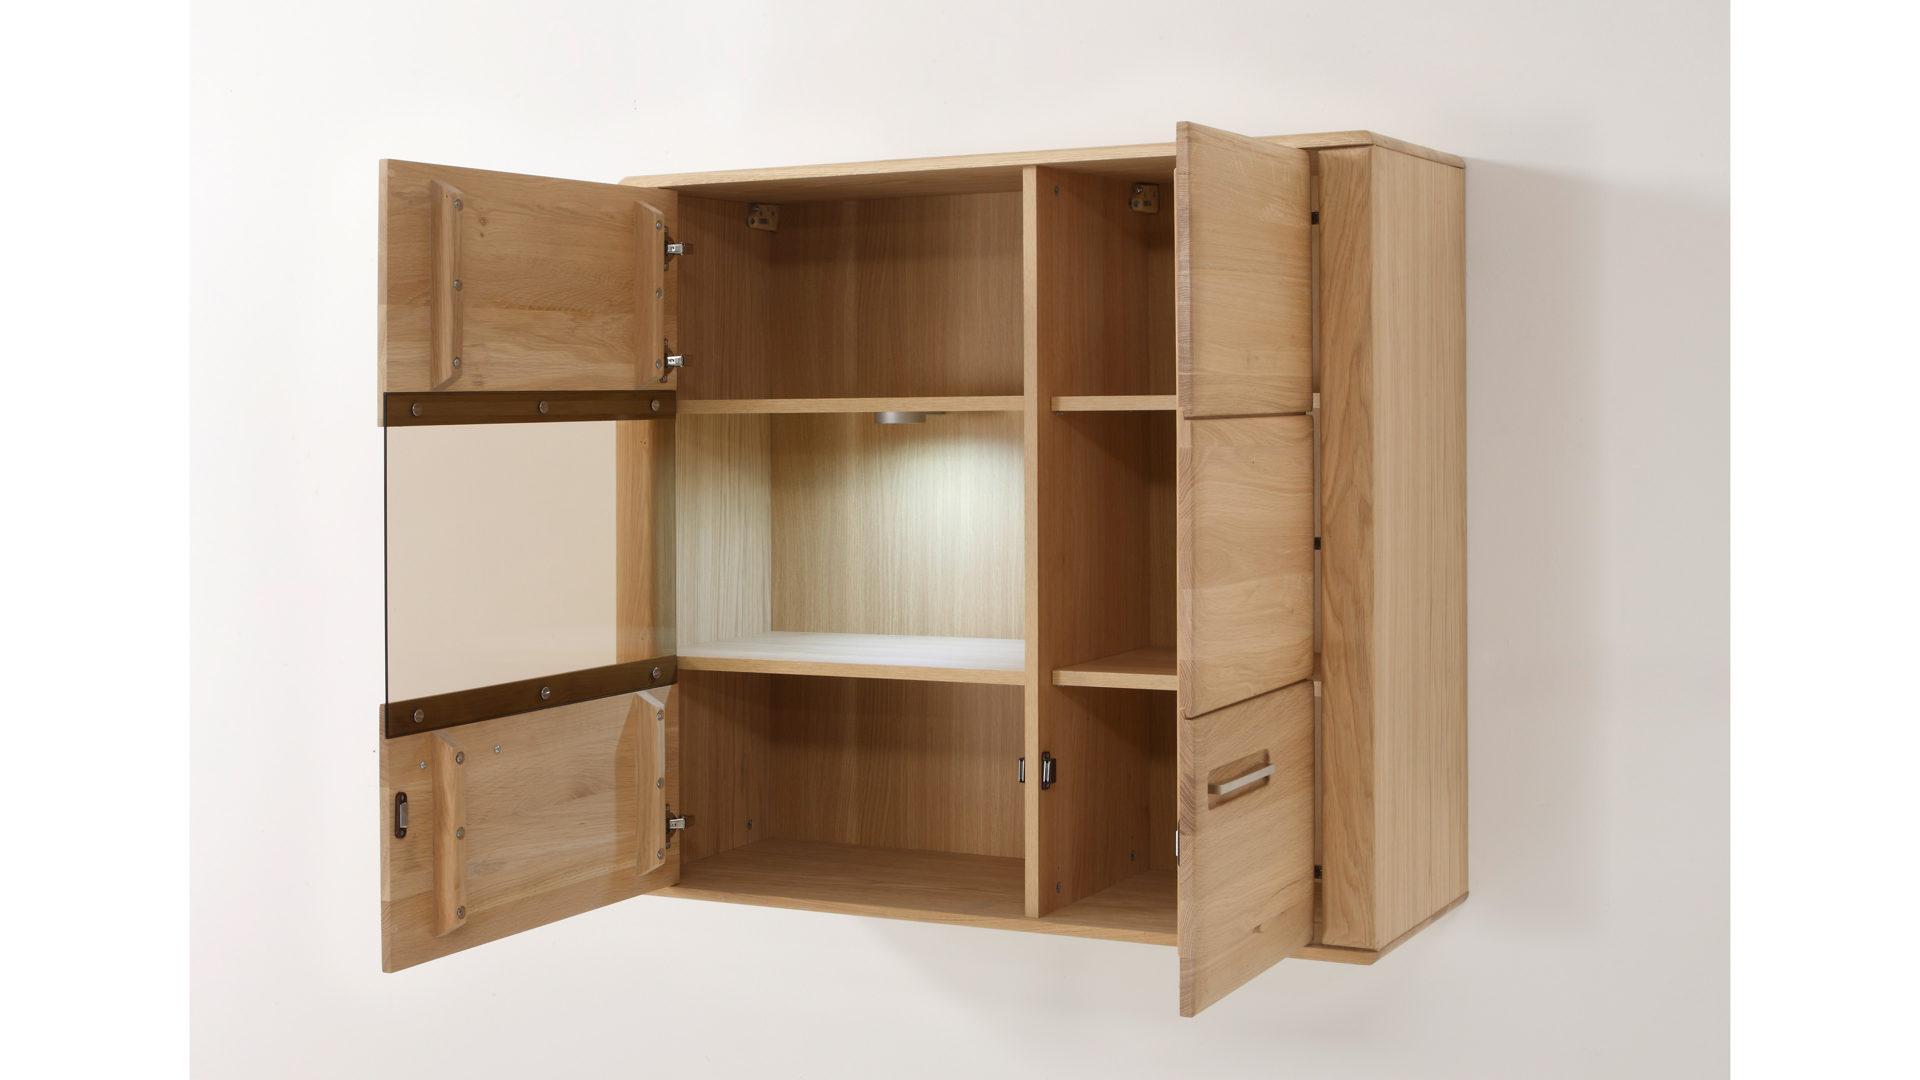 Hertel Möbel Ek Gesees Räume Wohnzimmer Schränke Wohnwände